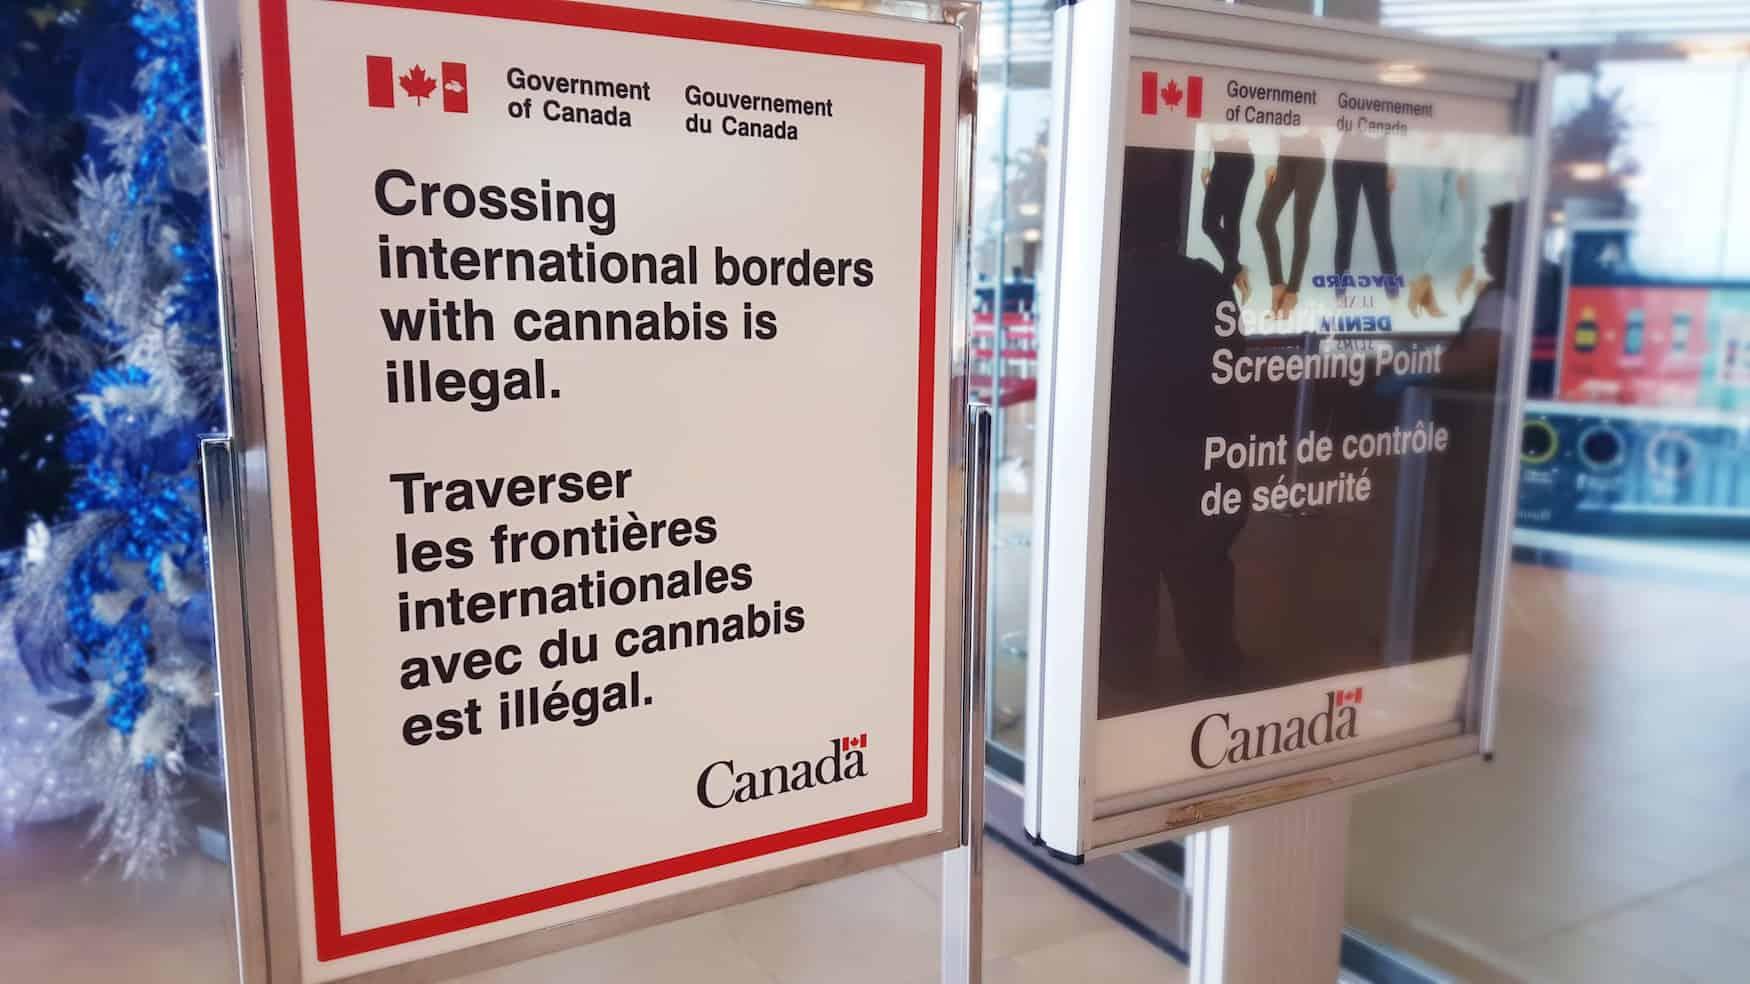 """""""Das Überschreiten der internationalen Grenzen mit Cannabis ist illegal."""" Schild im Flughafen Winnipeg, Kanada."""